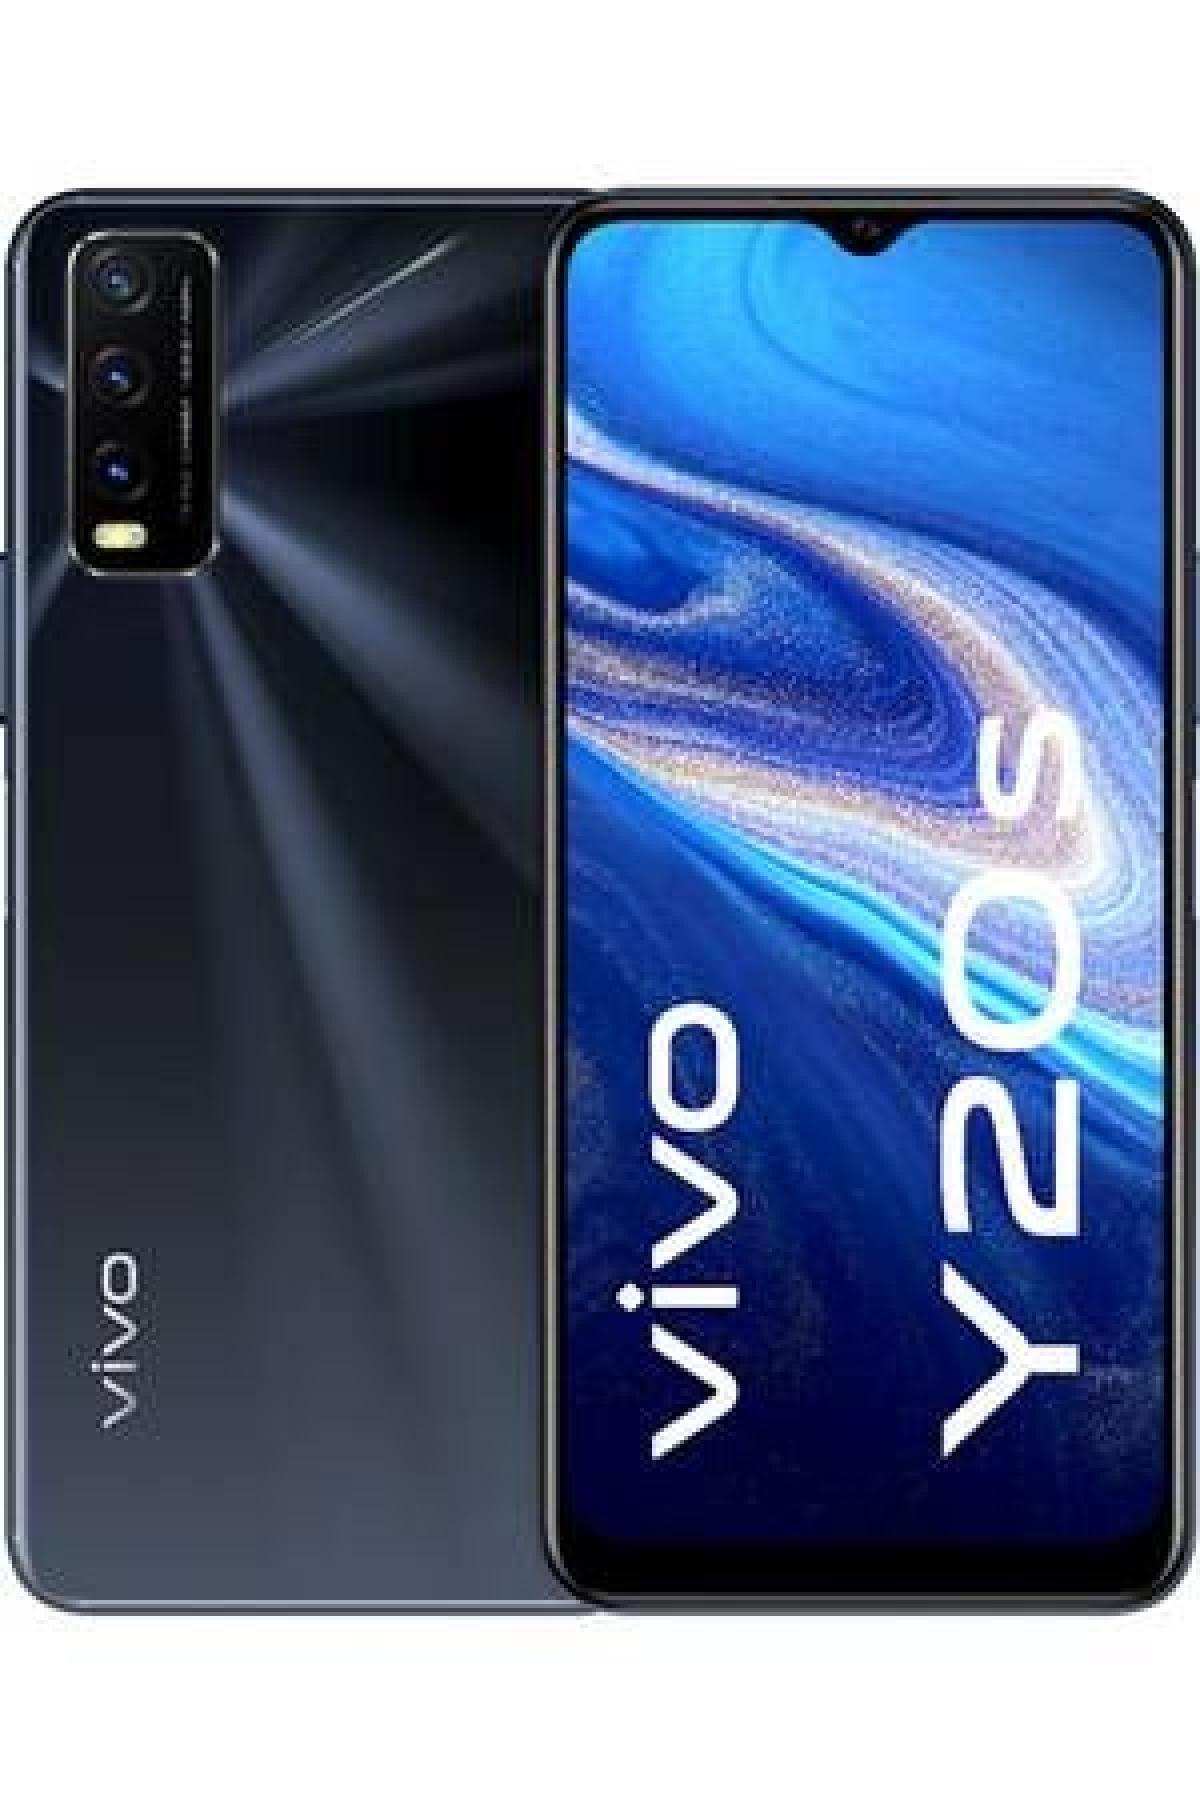 Vivo Y20s đem đến thời lượng hoạt động đáng kinh ngạc với viên pin 5.000 mAh (sử dụng ít nhất 48 giờ). Người dùng cũng hài lòng với bộ vi xử lý Snapdragon 460 cho phép chạy nhiều ứng dụng tùy thích và màn hình 6,51 inch với độ tương phản cao./.